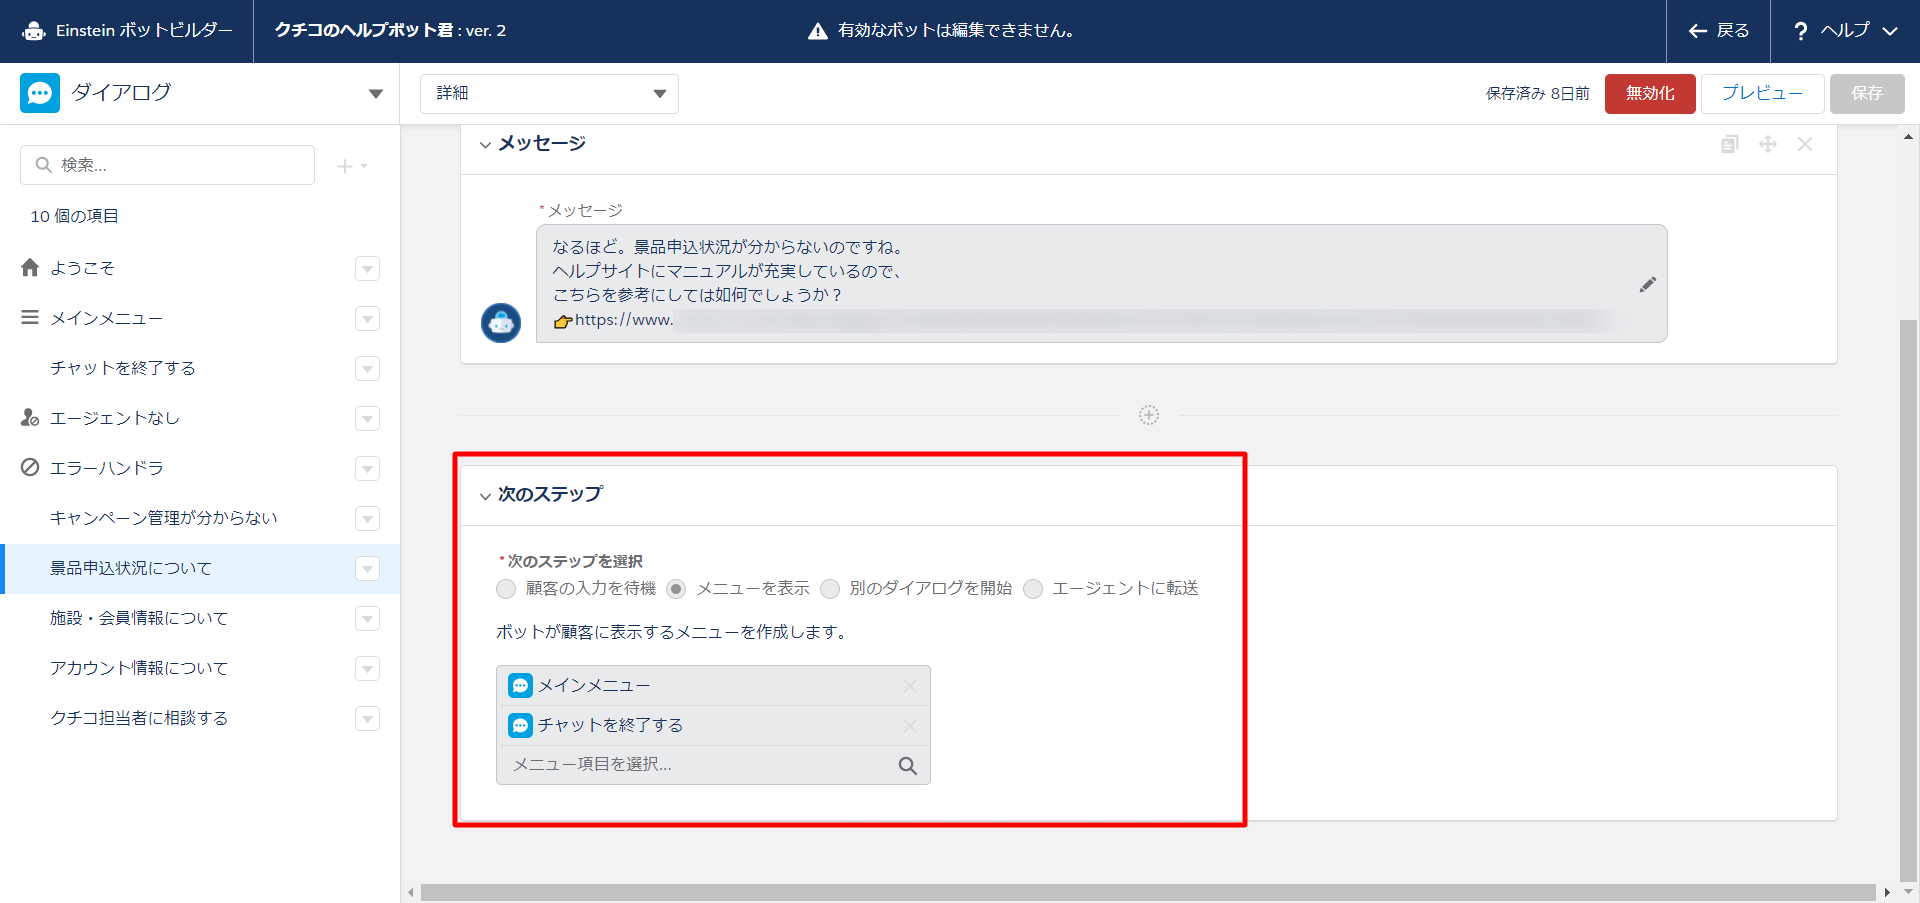 blog_kuchico_bot2_03